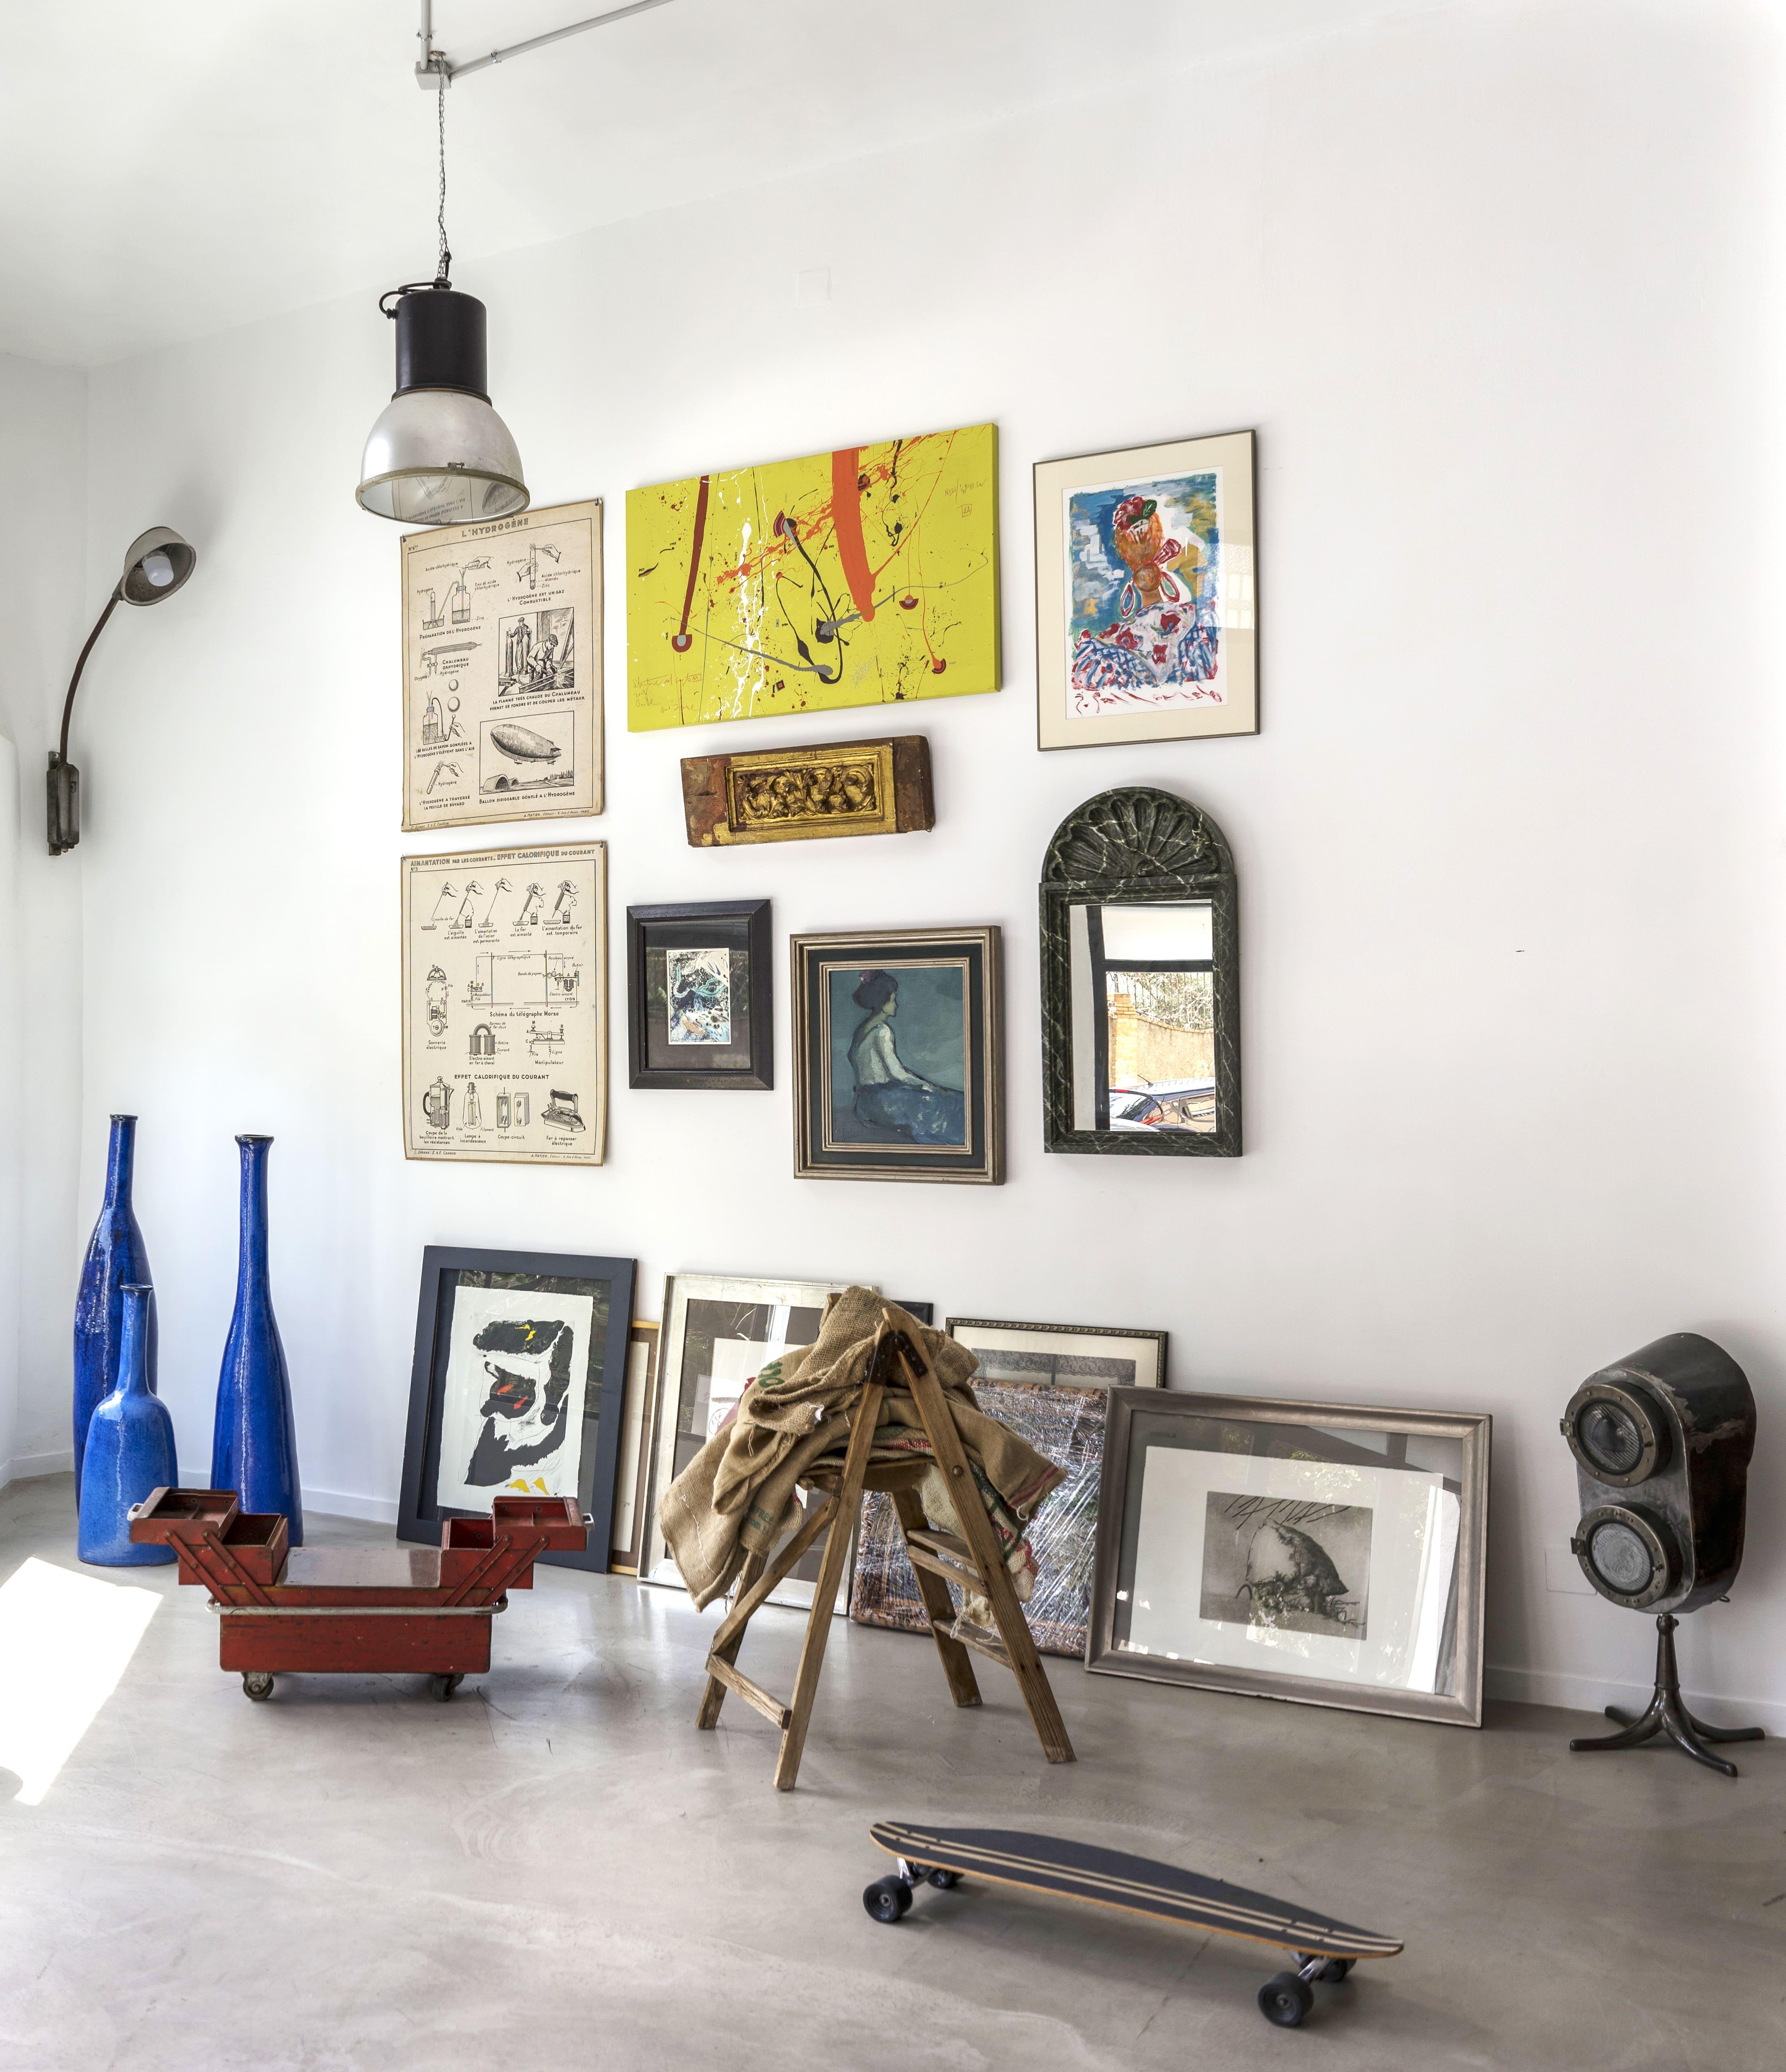 Dise o de interiores en m laga kaulak studio - Diseno de interiores malaga ...